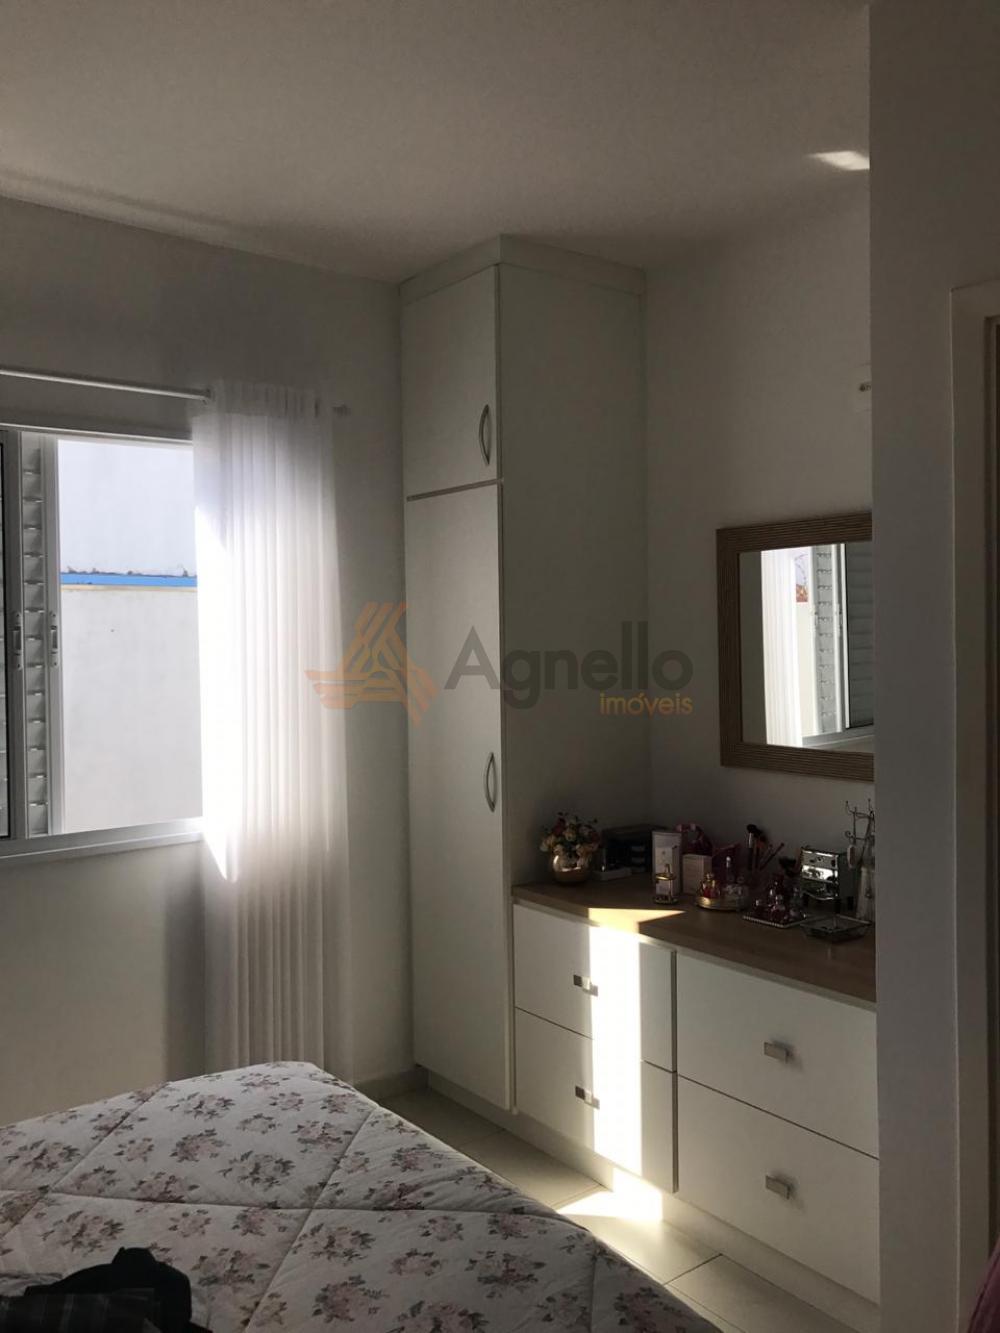 Comprar Casa / Condomínio em Franca R$ 650.000,00 - Foto 17